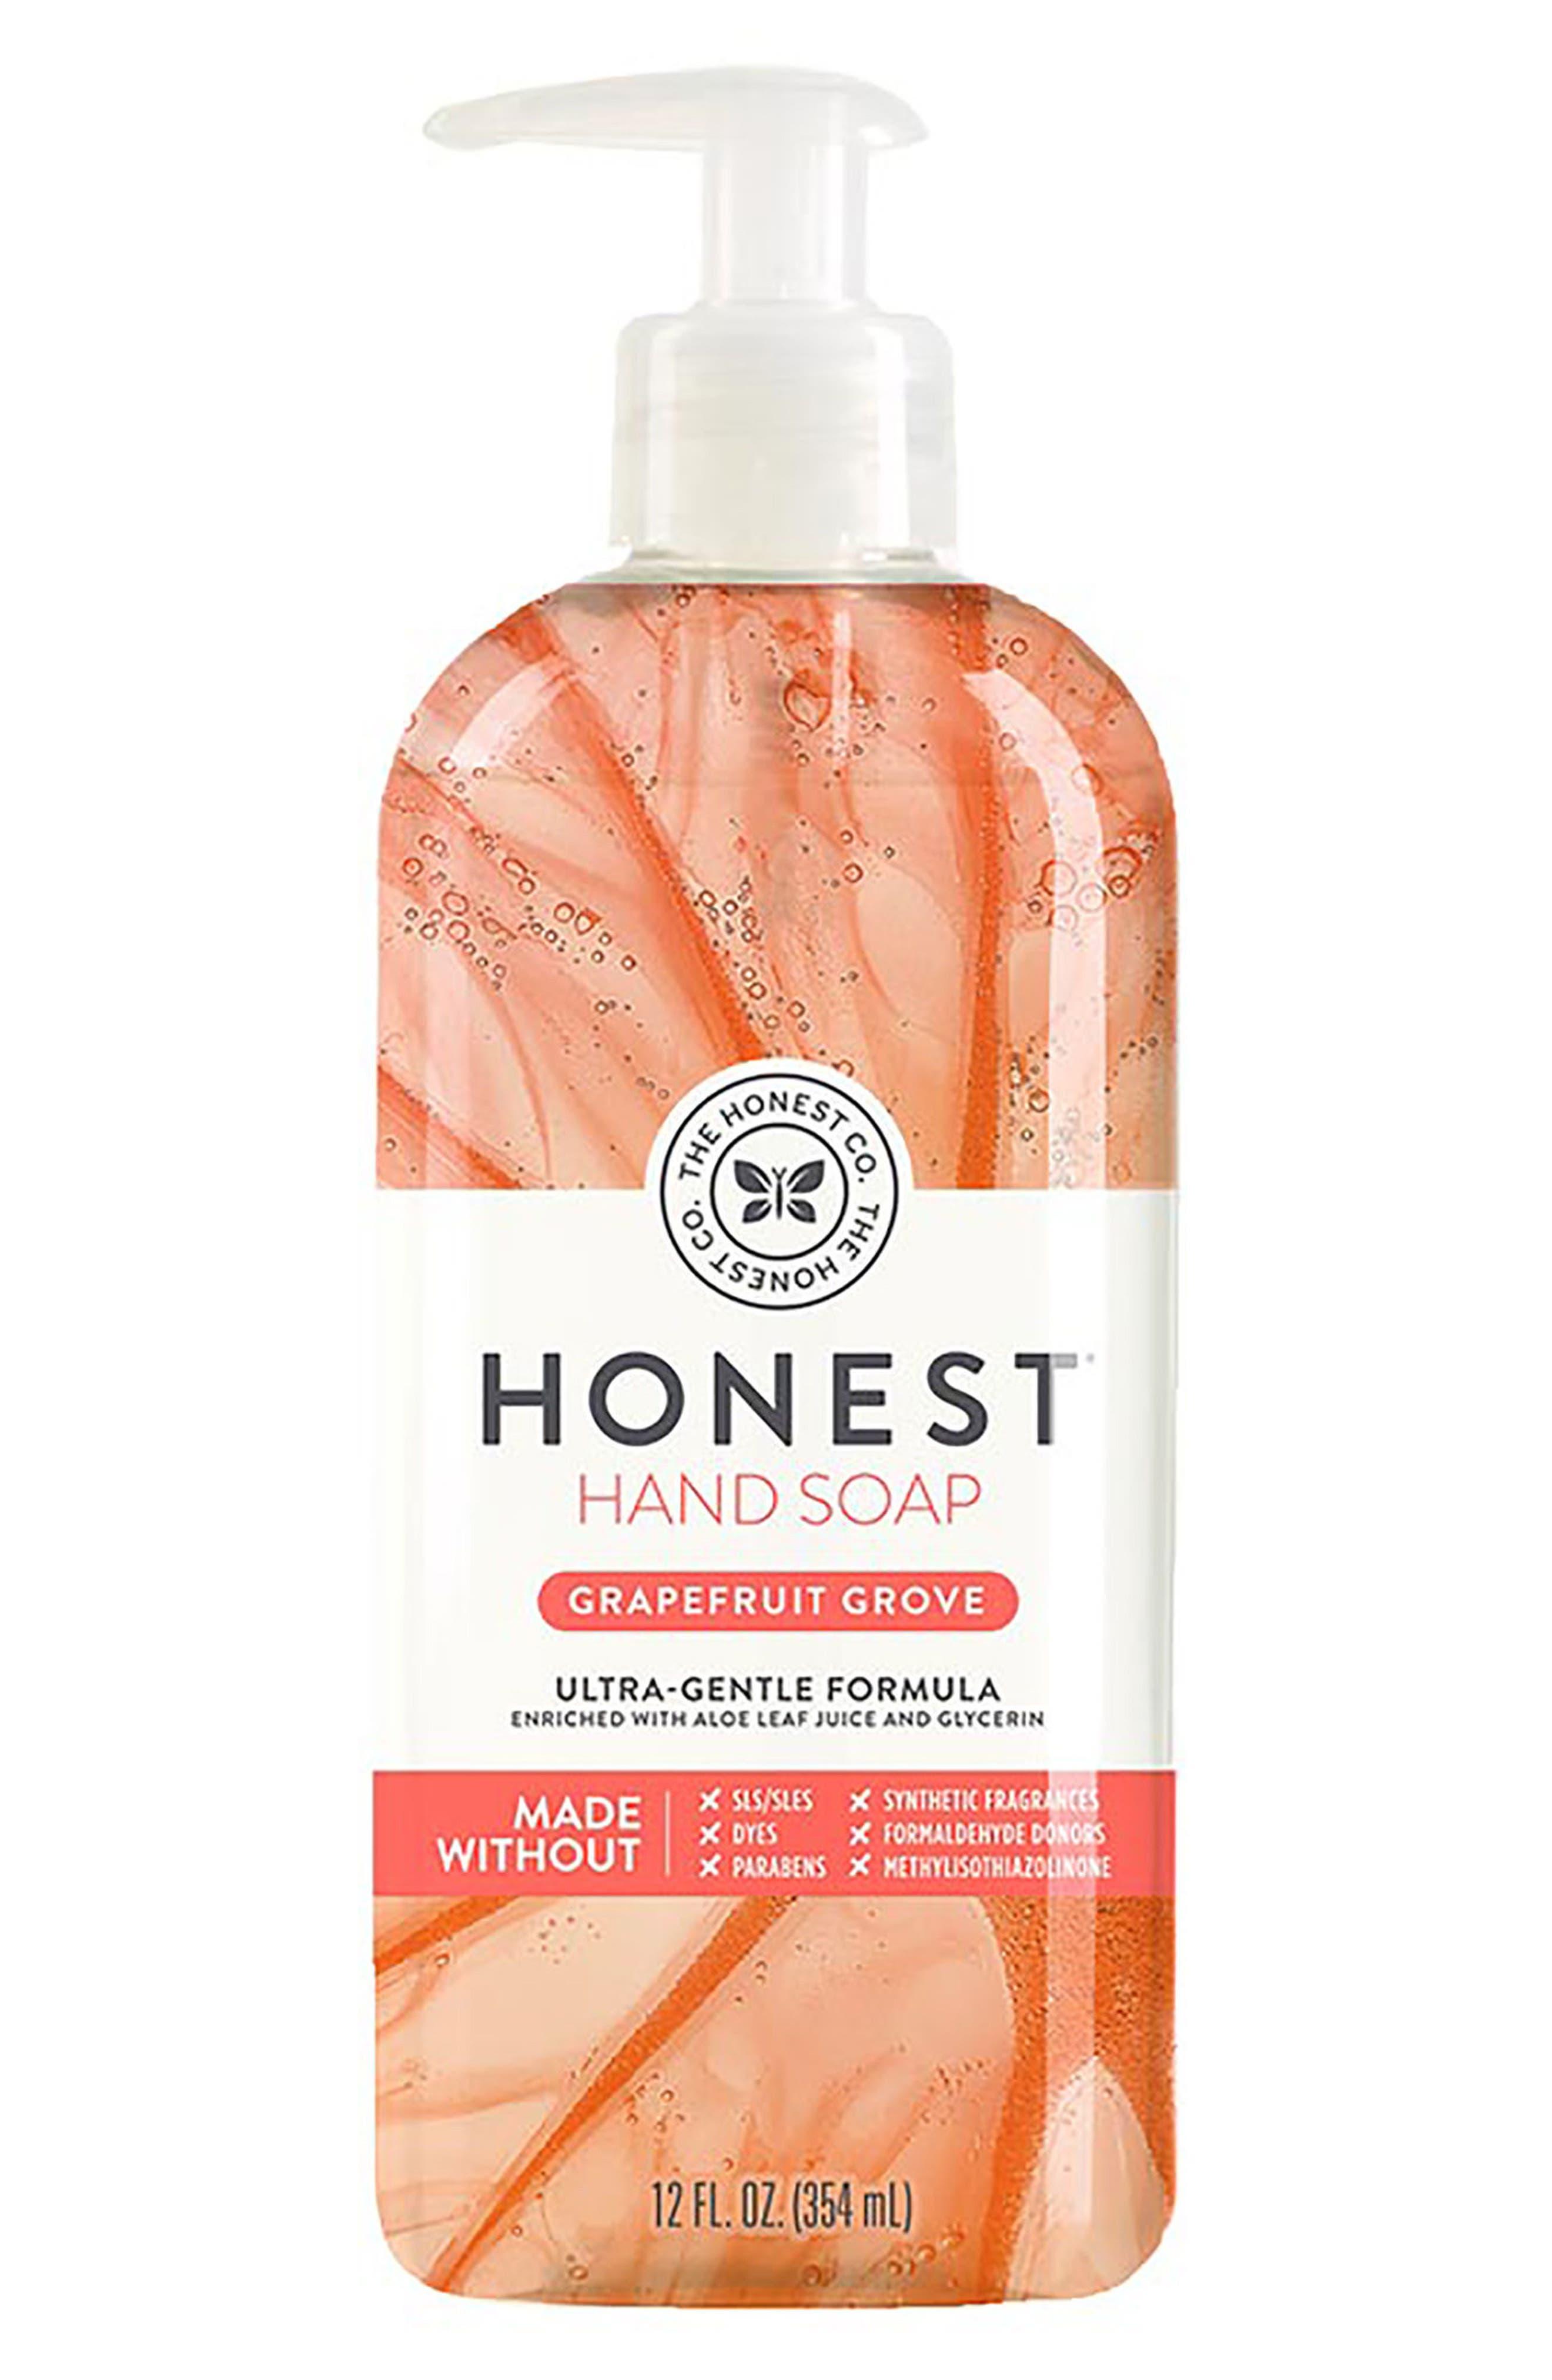 The Honest Company Grapefruit Grove Hand Soap